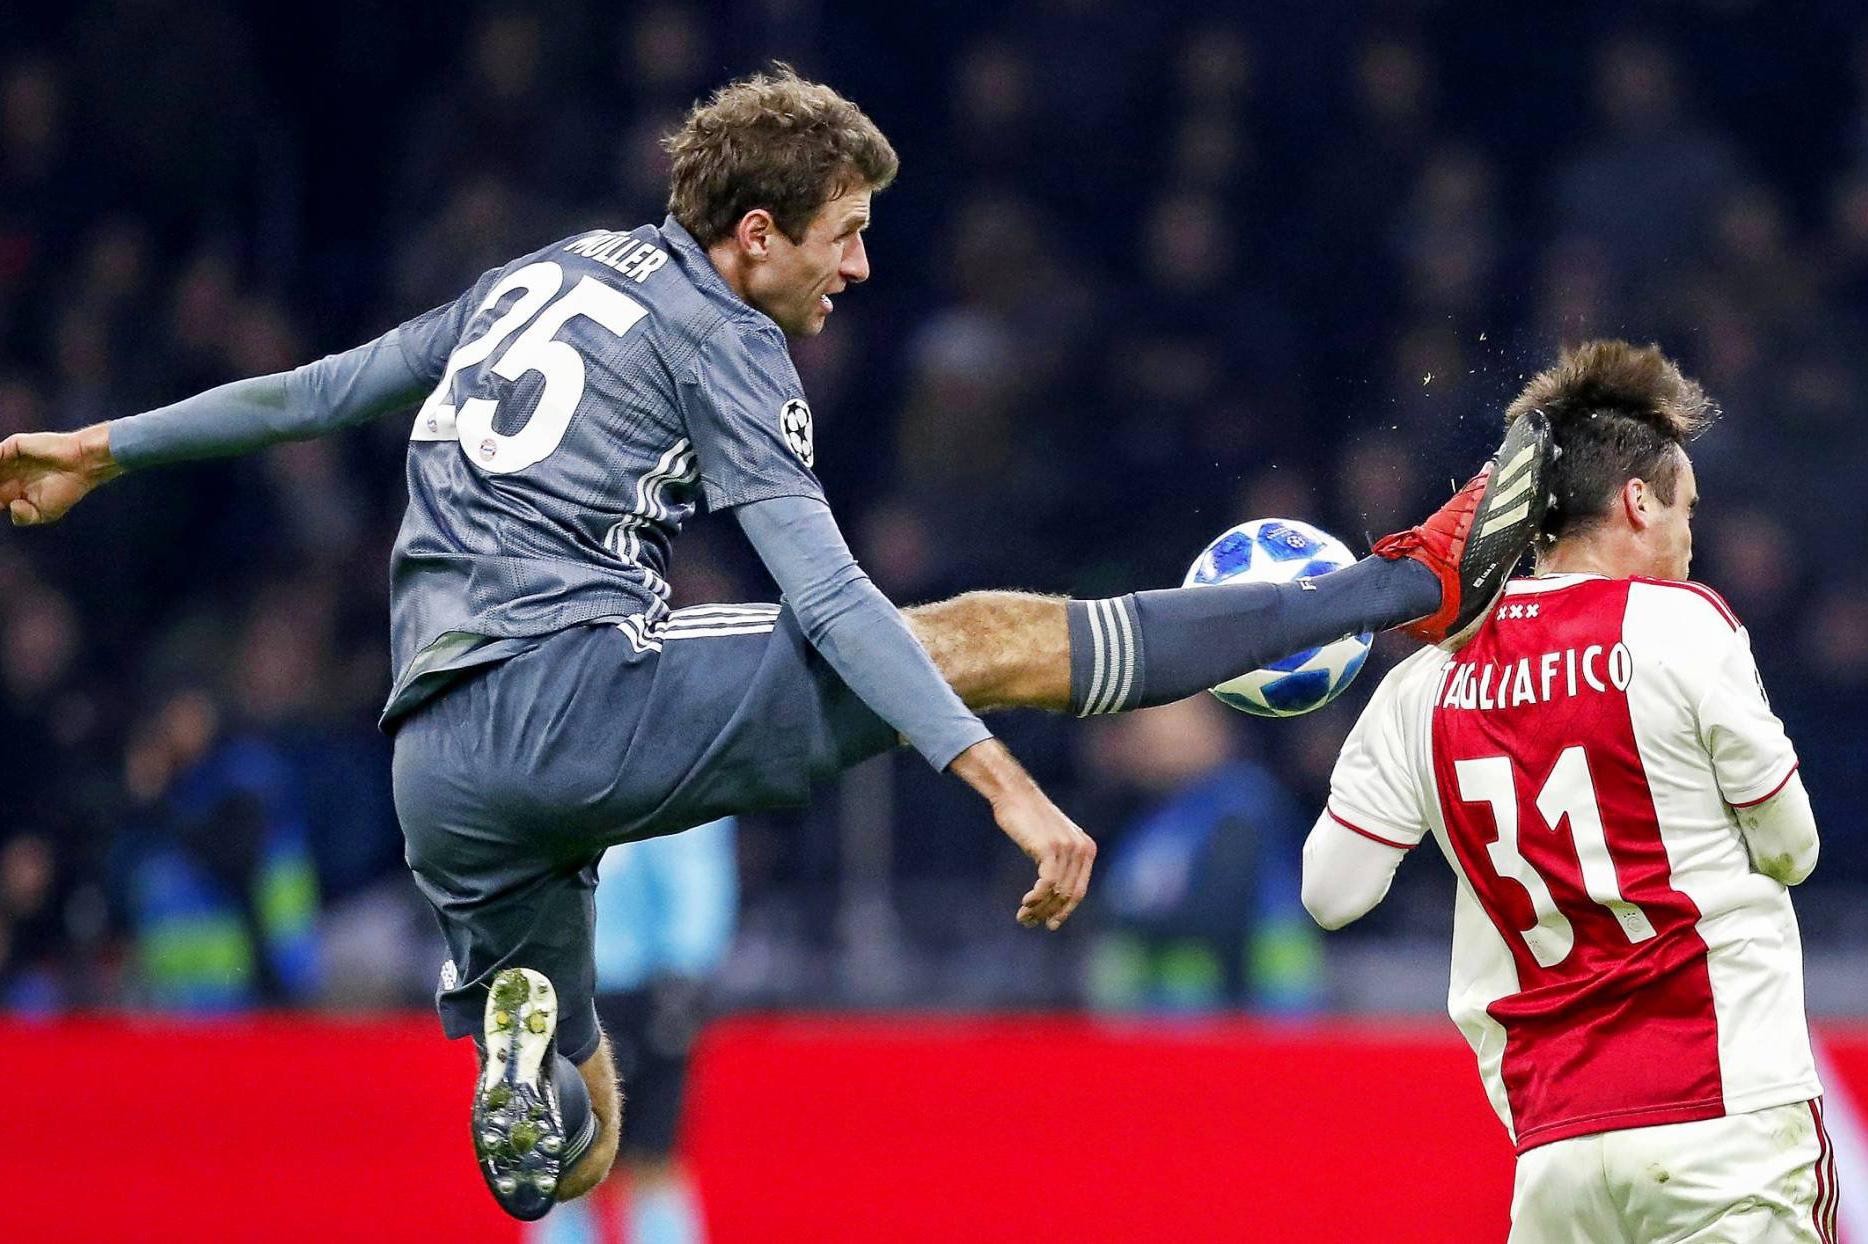 دوري أبطال أوروبا: إيقاف مولر وفوبر مباراتين